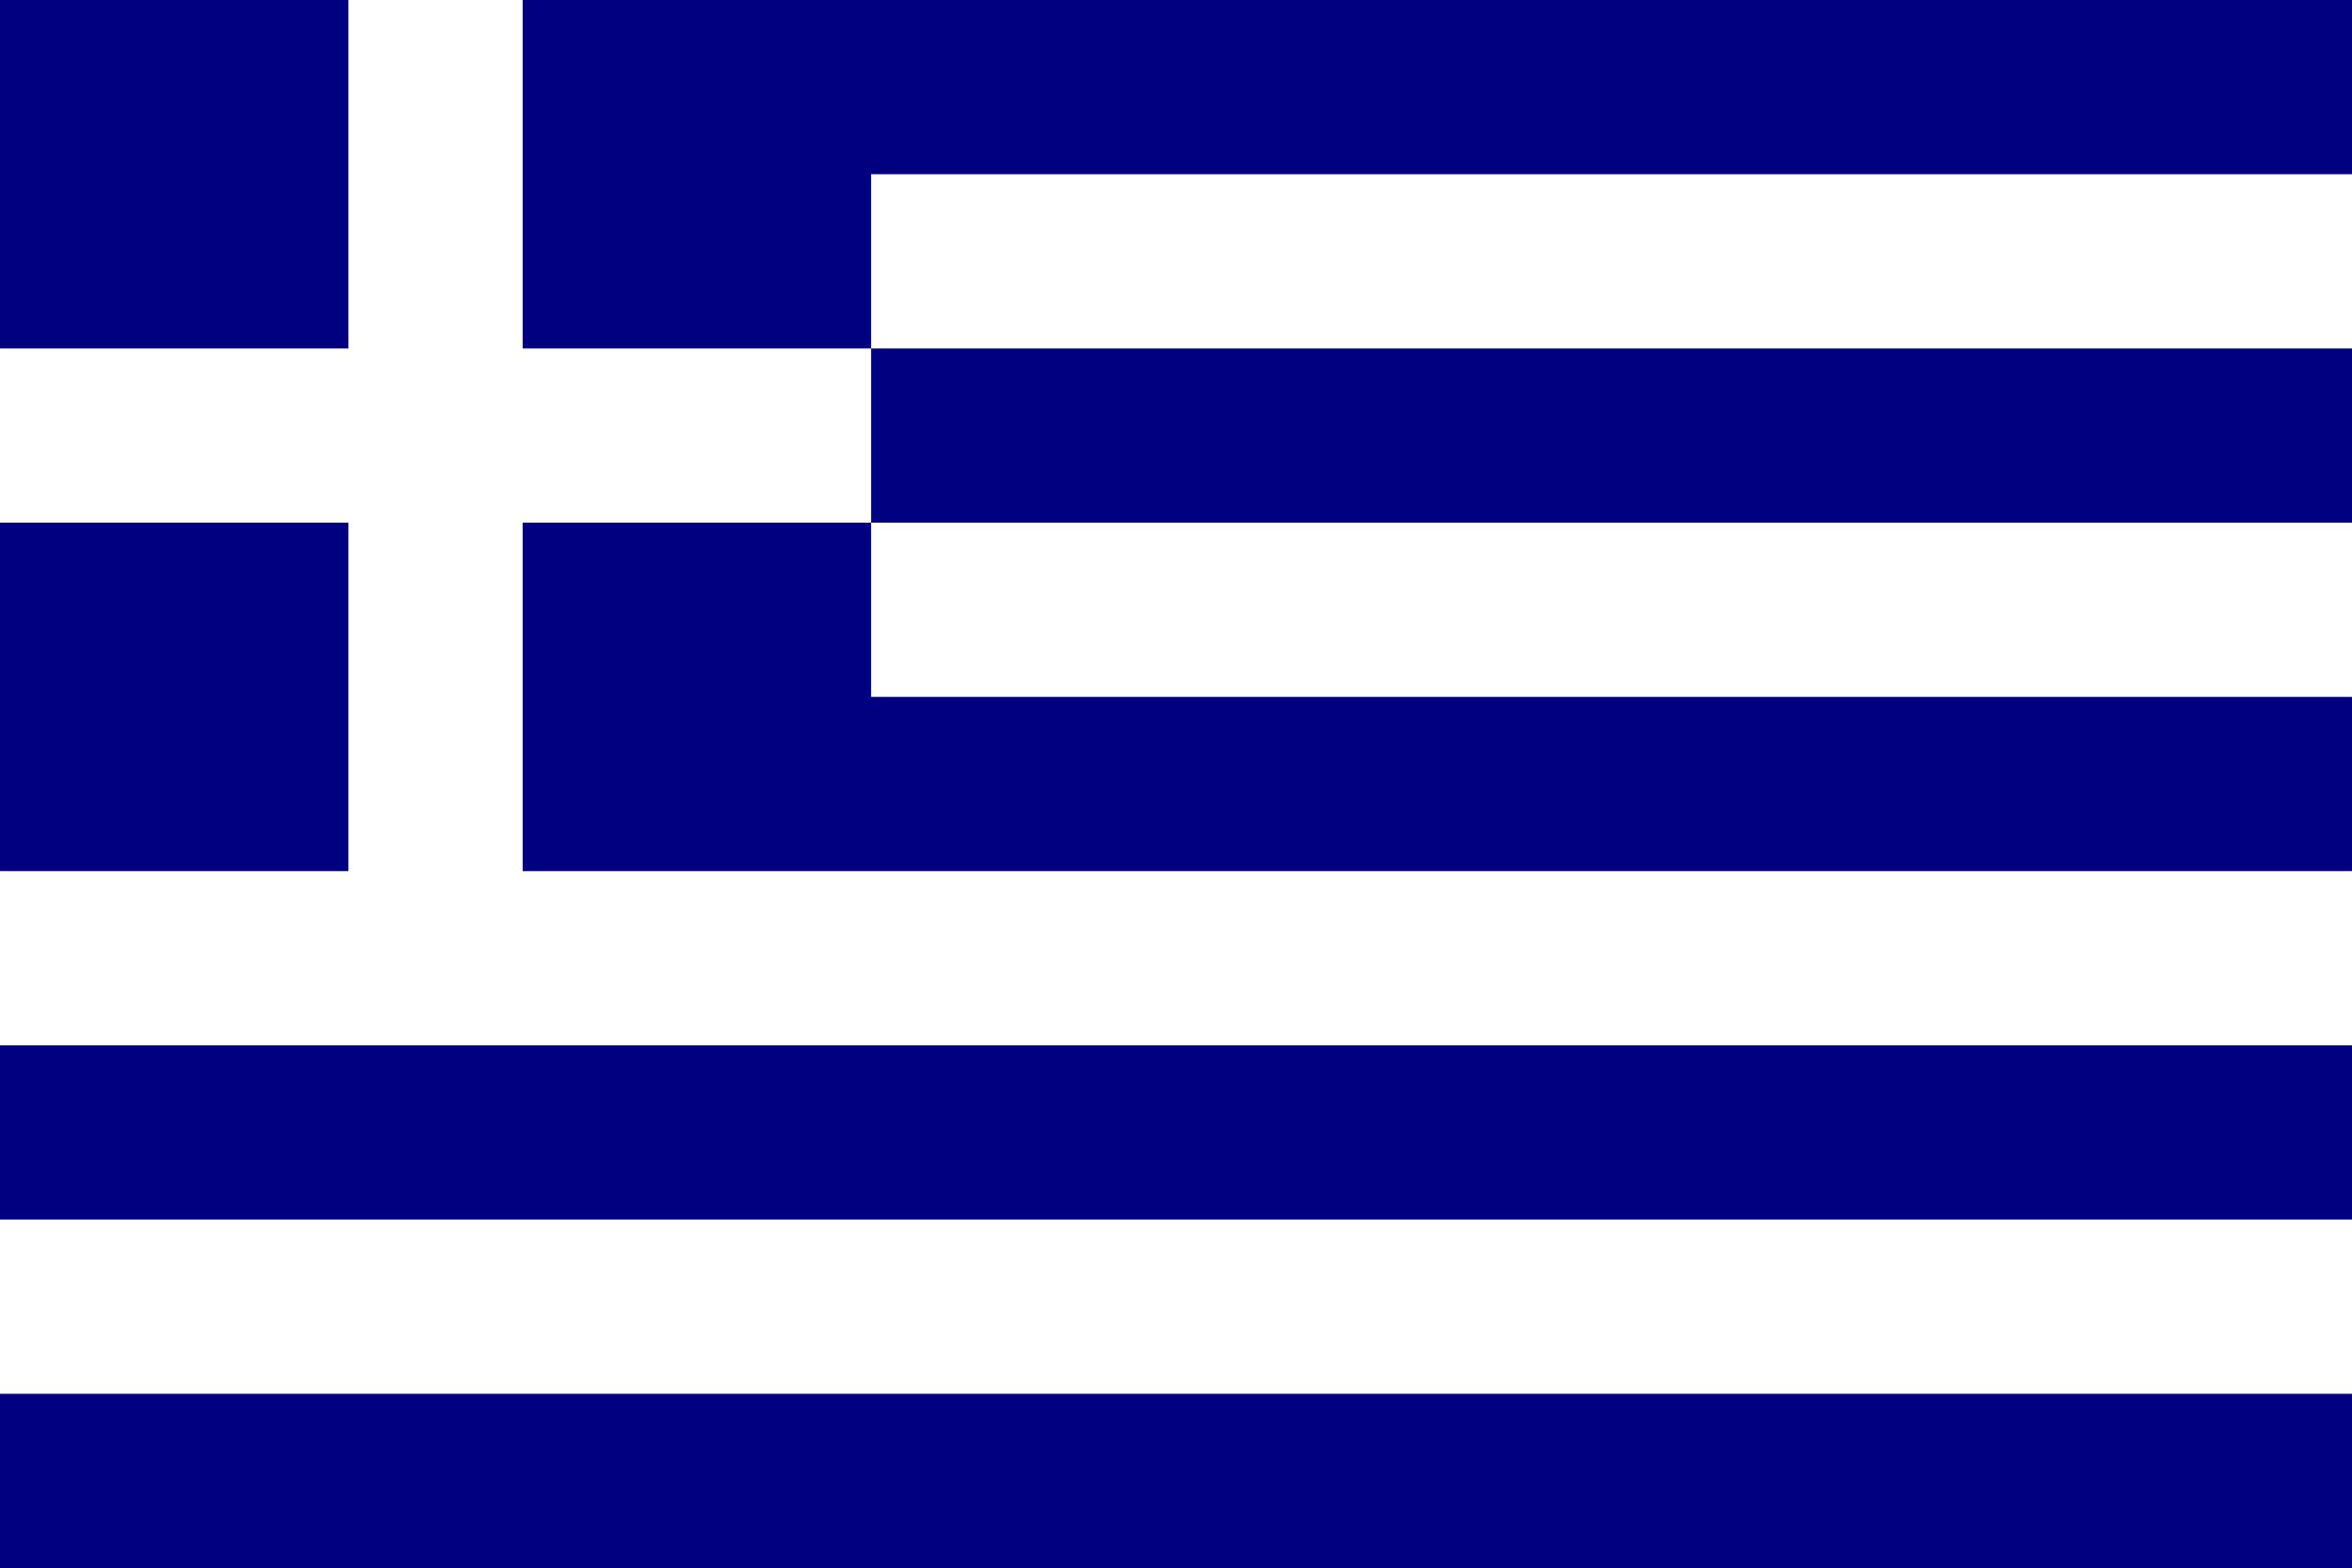 grecia, país, emblema, insignia, símbolo - Fondos de Pantalla HD - professor-falken.com